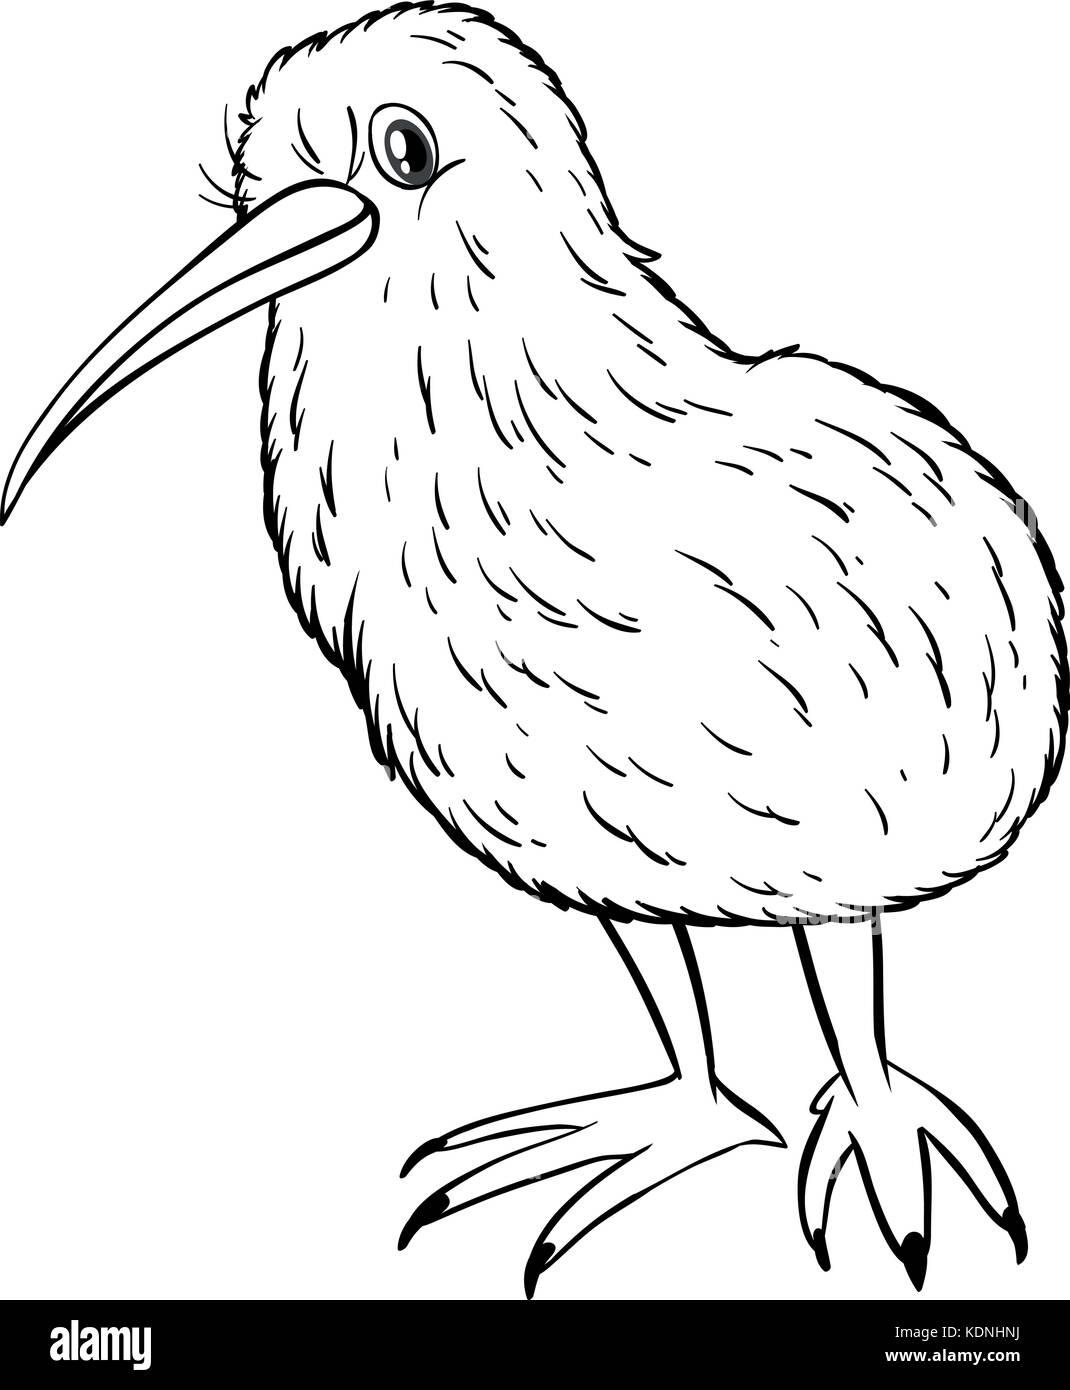 Animal Outline For Kiwi Bird Illustration Stock Vector Art